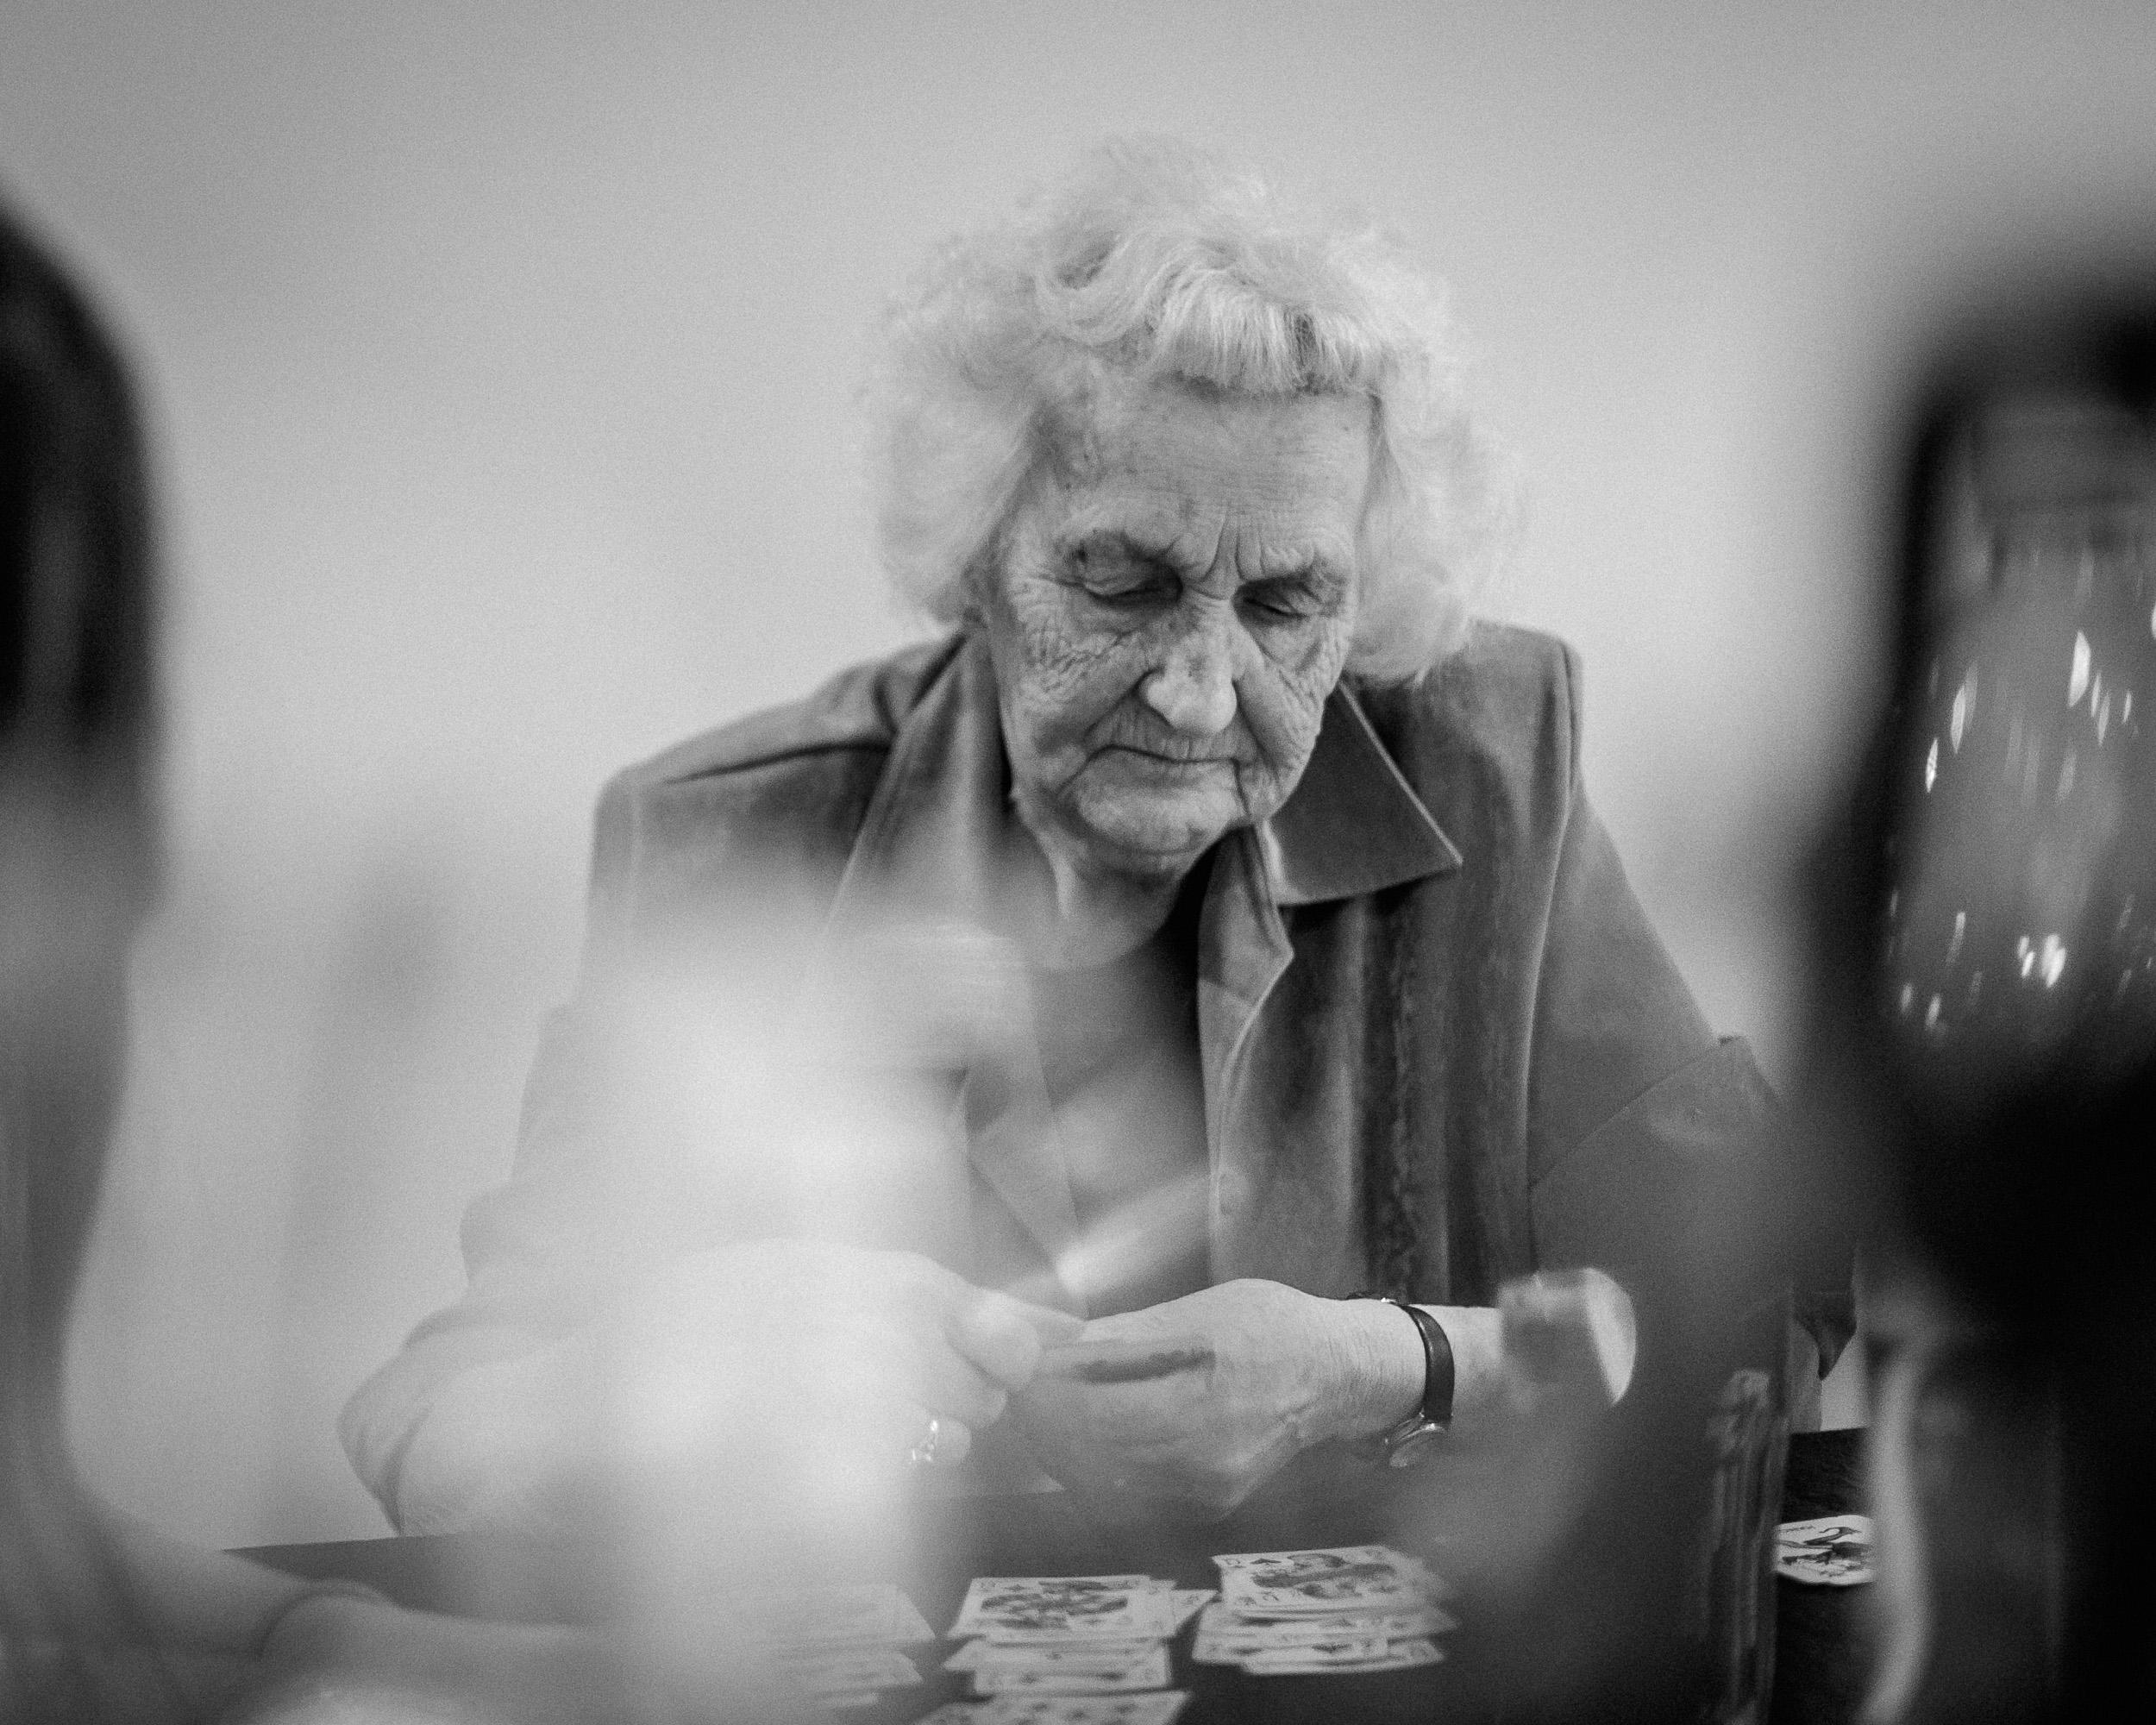 Min mormor som jeg altid vil huske hende, siddende stille ved bordet og lægge kabale. P.S. hun få dem altid til at gå op, tænke lidt over det..